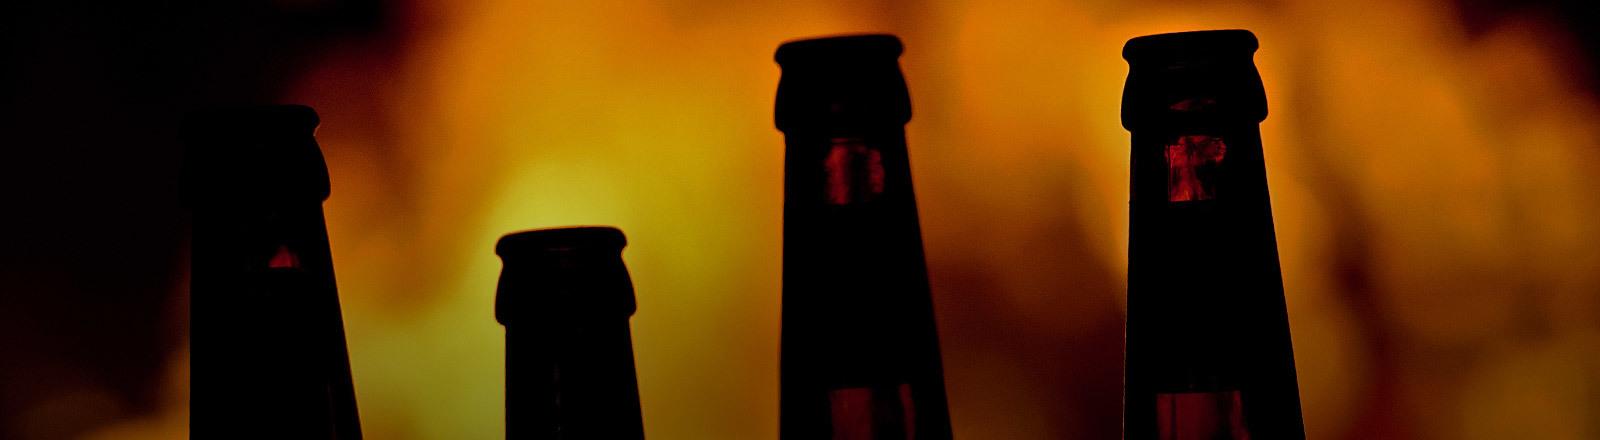 Vier Bierflaschen mit einem Feuer im Hintergrund